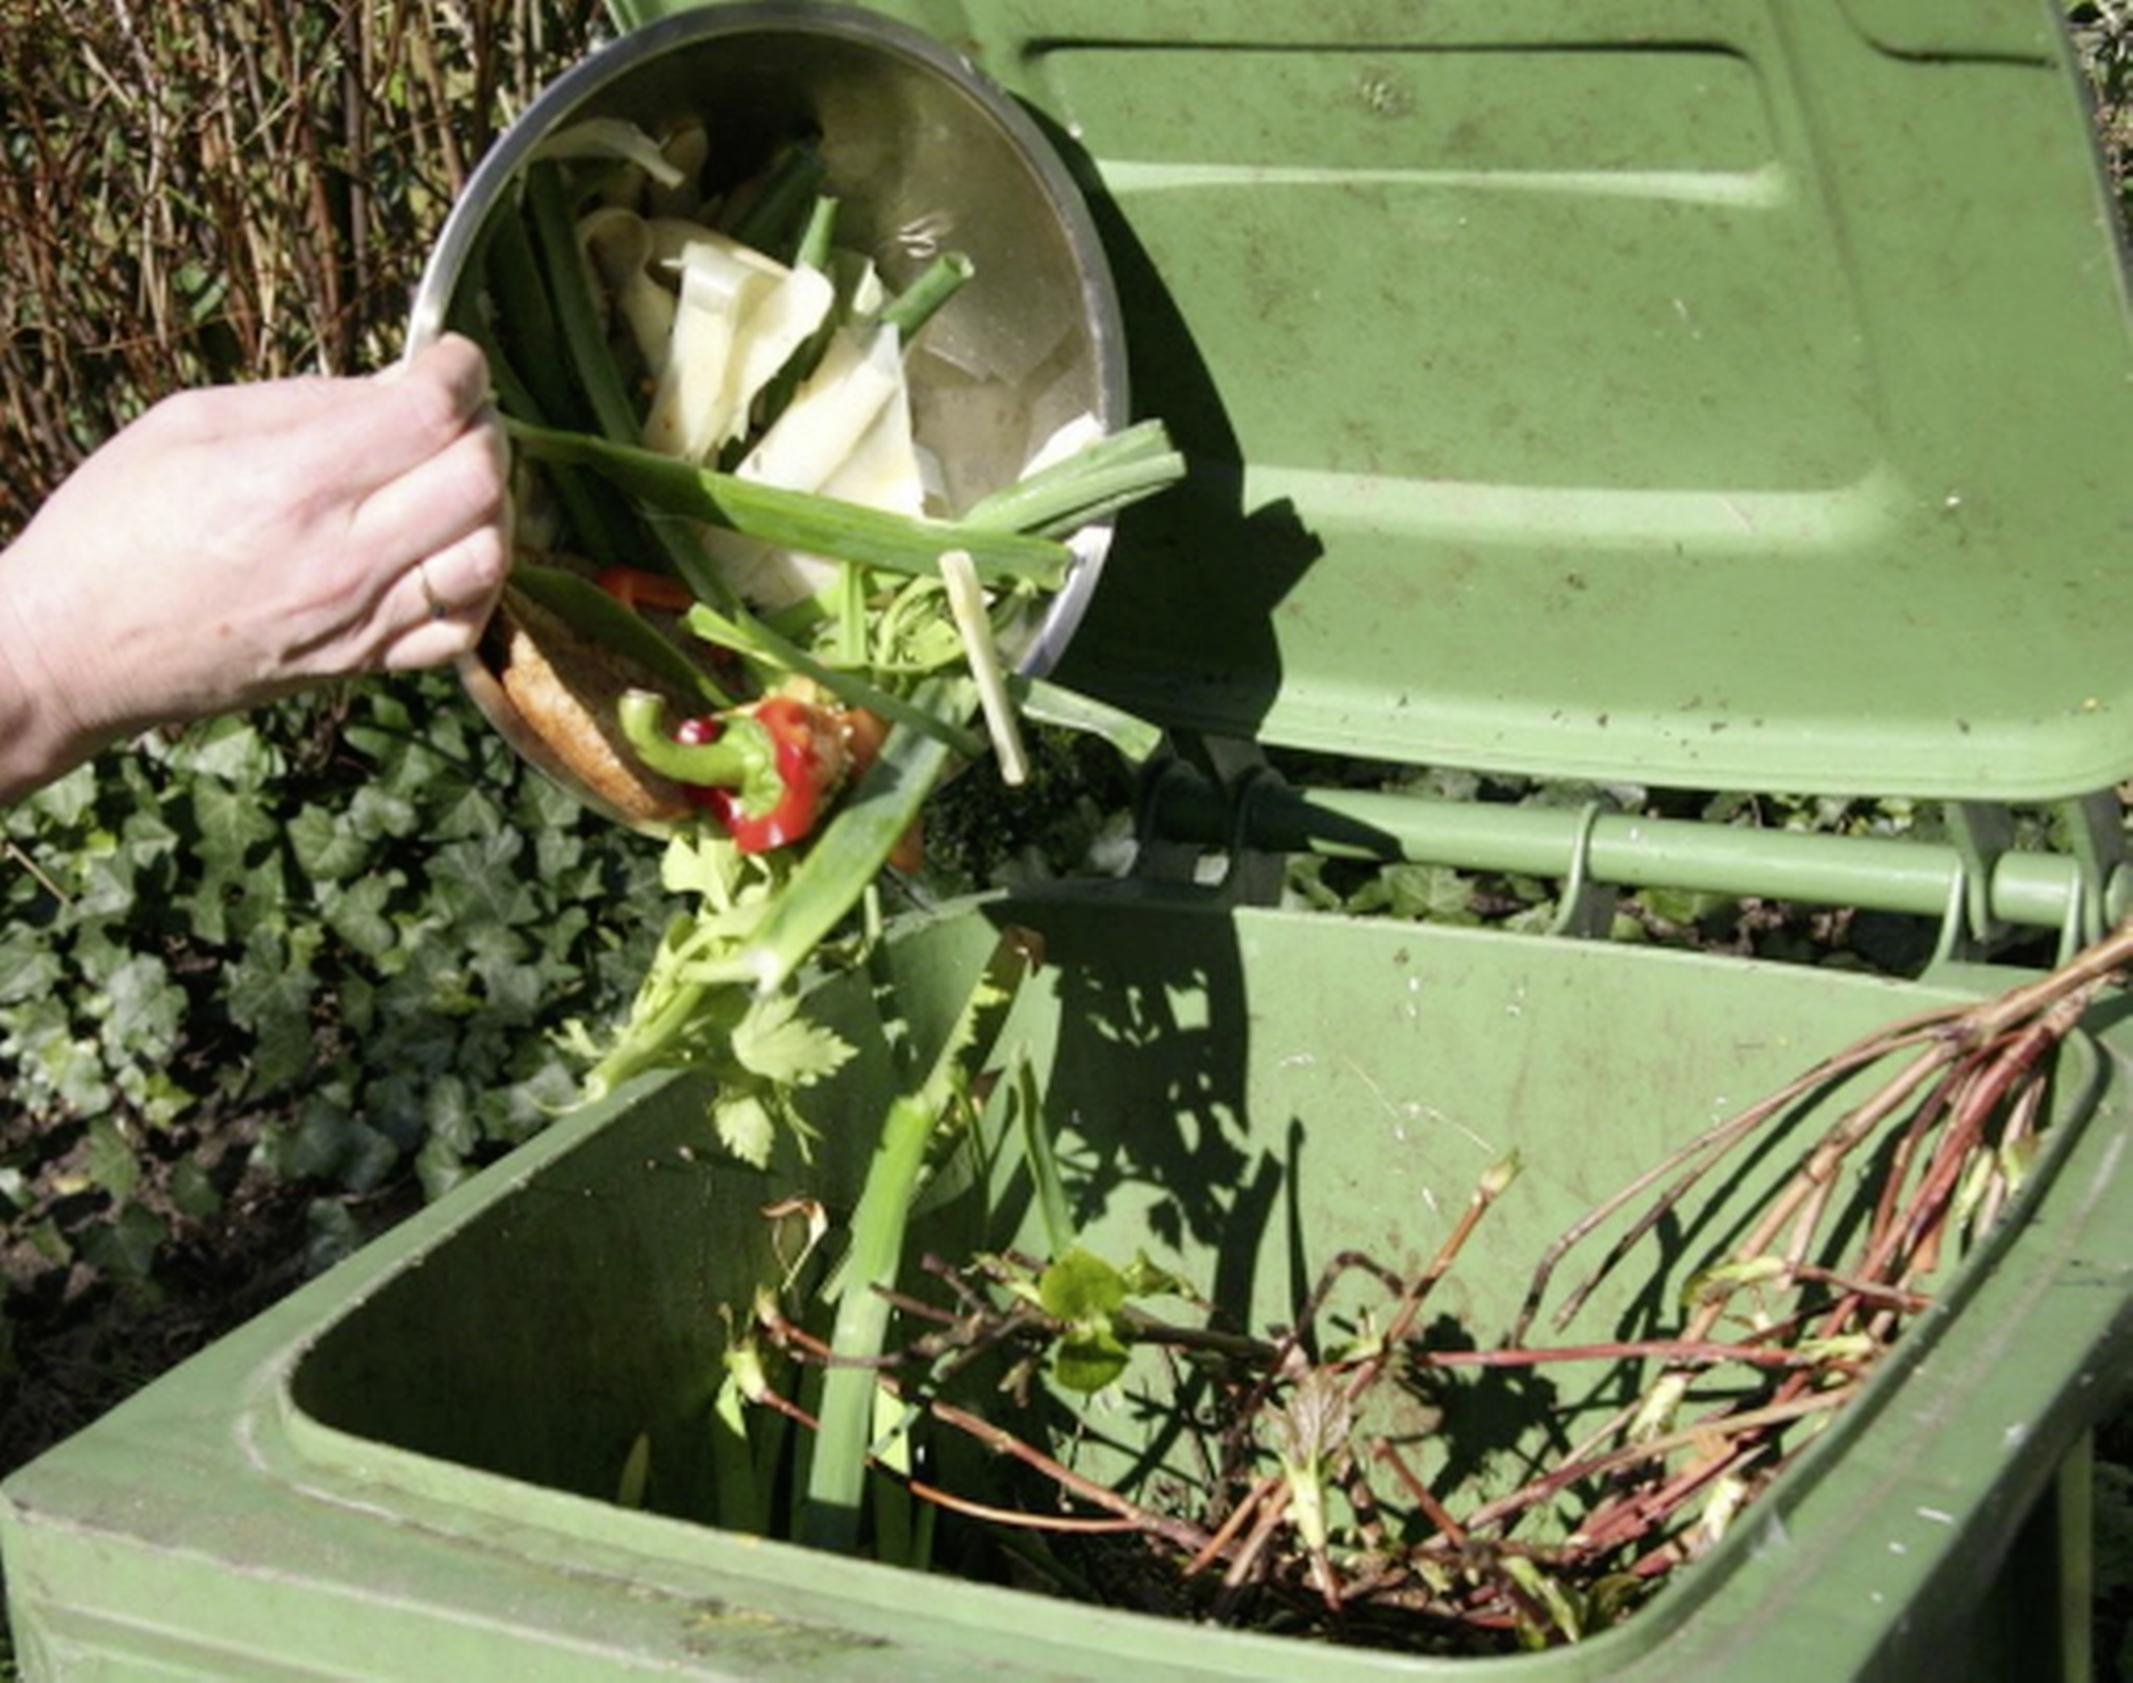 Afvalstoffenbeleid wordt ingewikkelde klus in Leiderdorp, alle partijen willen iets anders